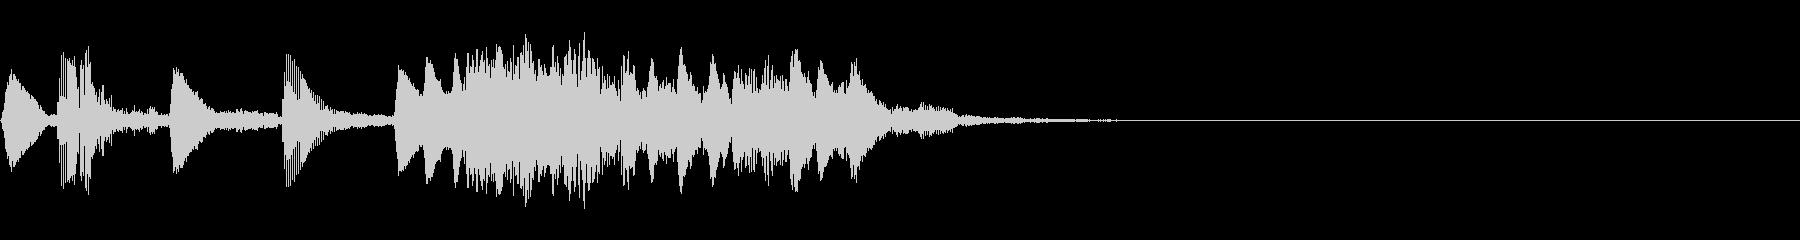 低い音のレベルアップ音【2】の未再生の波形